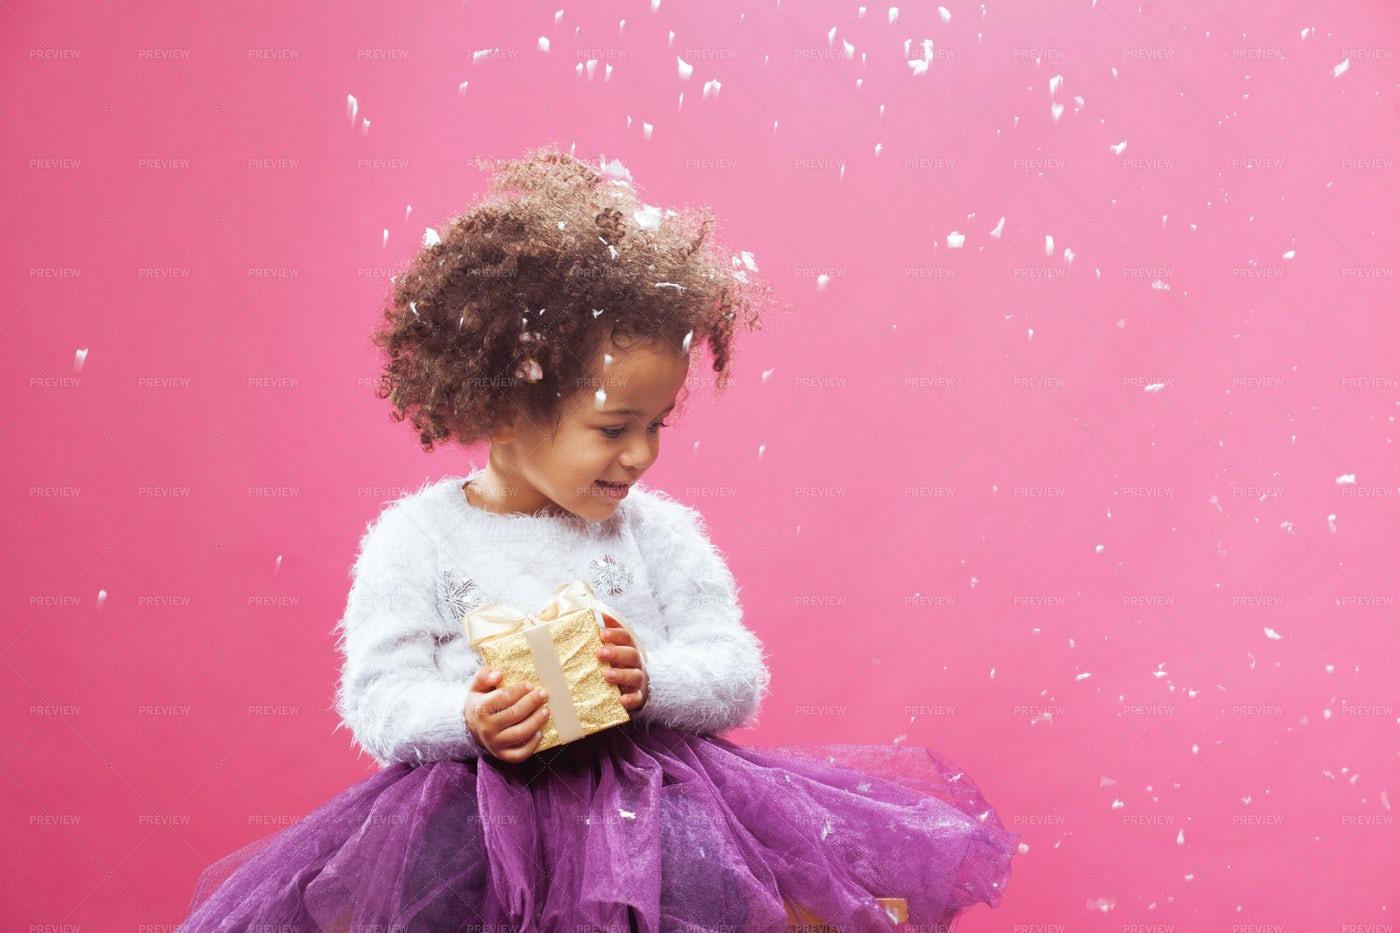 Girl Holding A Gift: Stock Photos